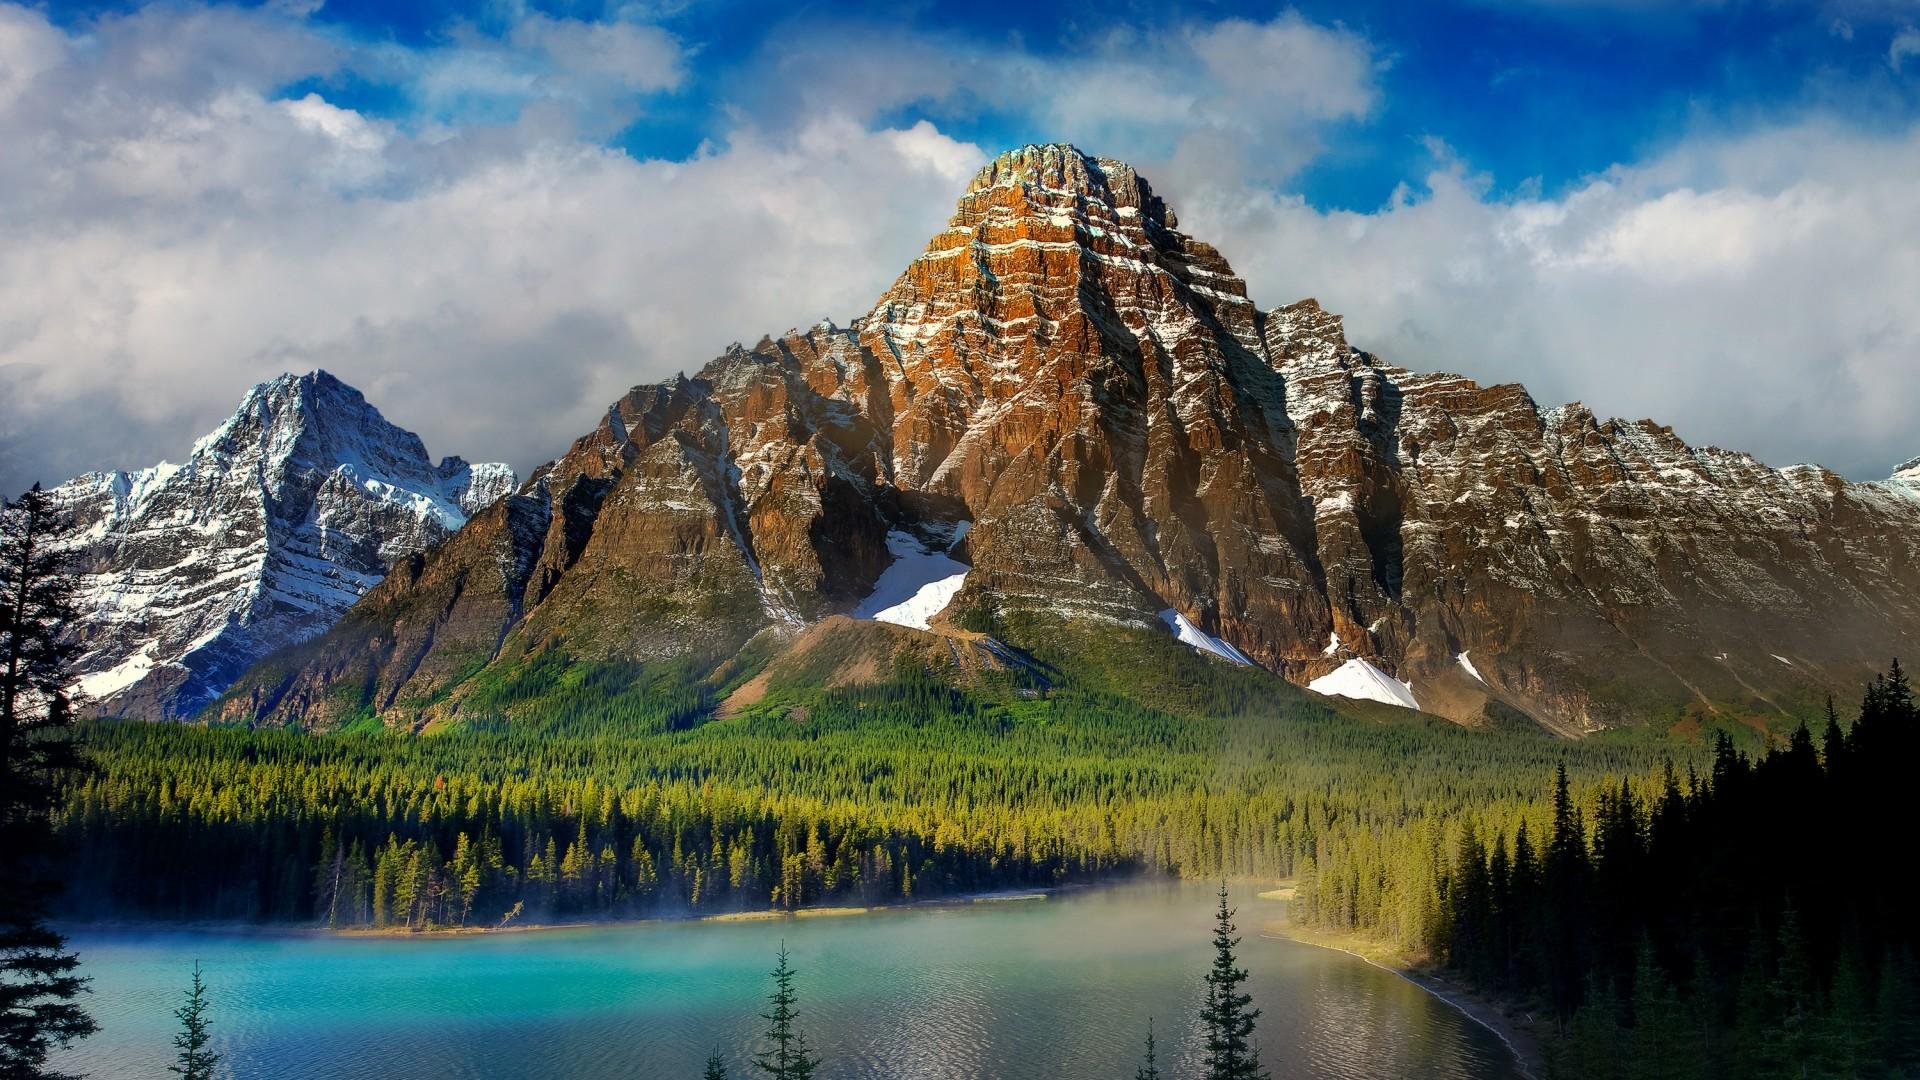 … Background Full HD 1080p. Wallpaper beautiful scenery,  mountains, lake, nature